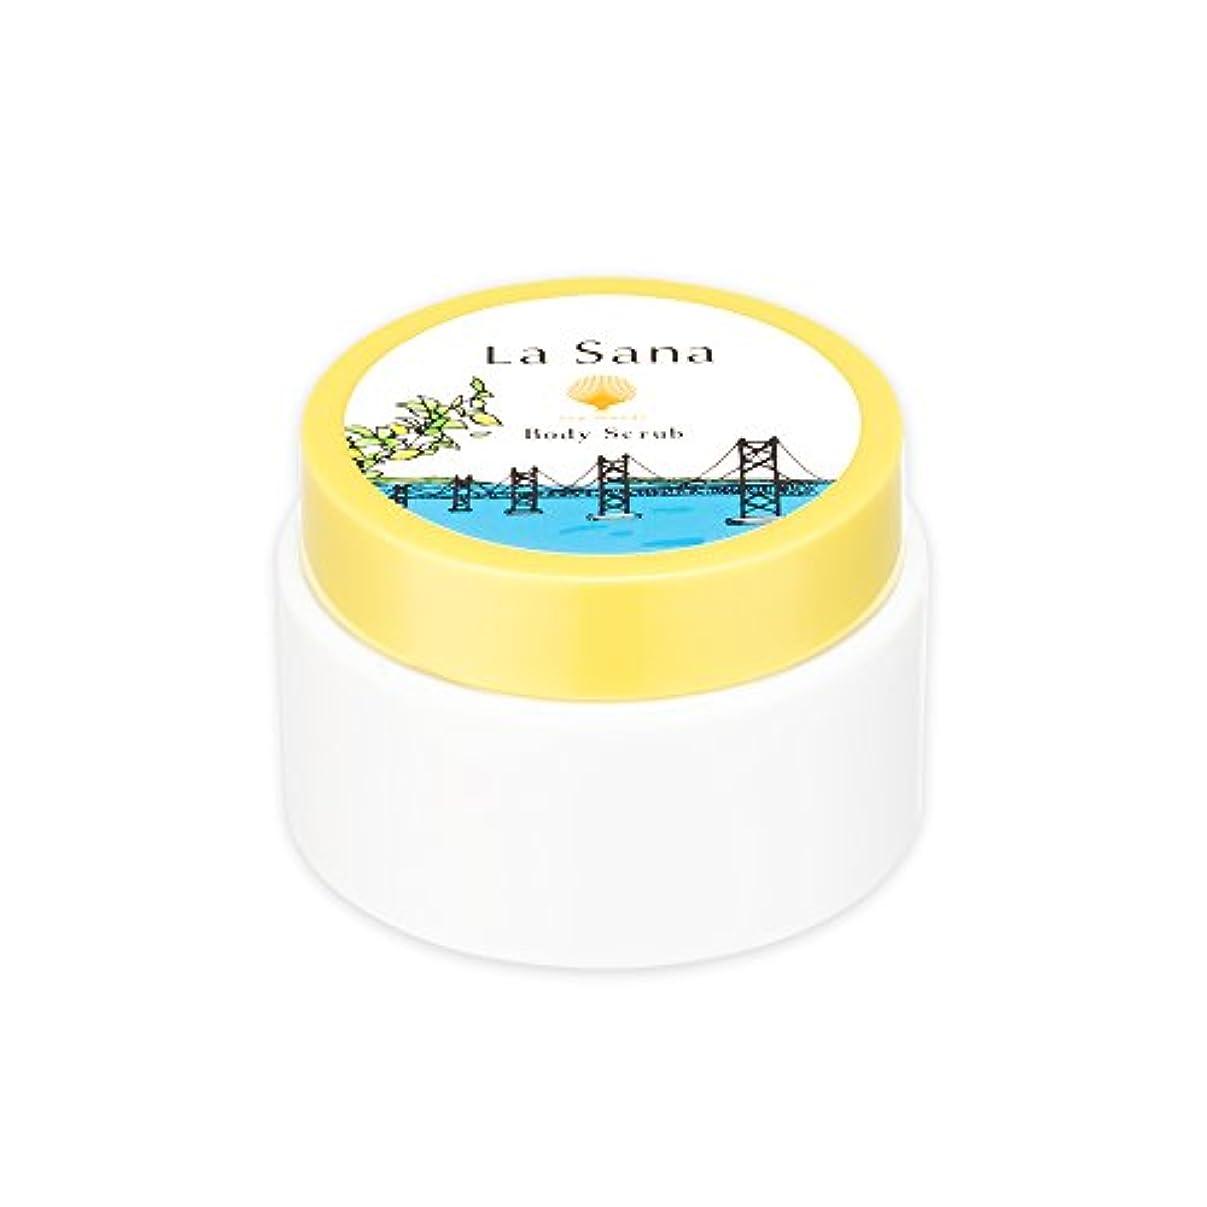 一瞬想定する朝ごはんラサーナ La sana 海藻 ボディ スクラブ 100g 限定 瀬戸内レモンの香り ボディケア 日本製 (約1ヵ月分)